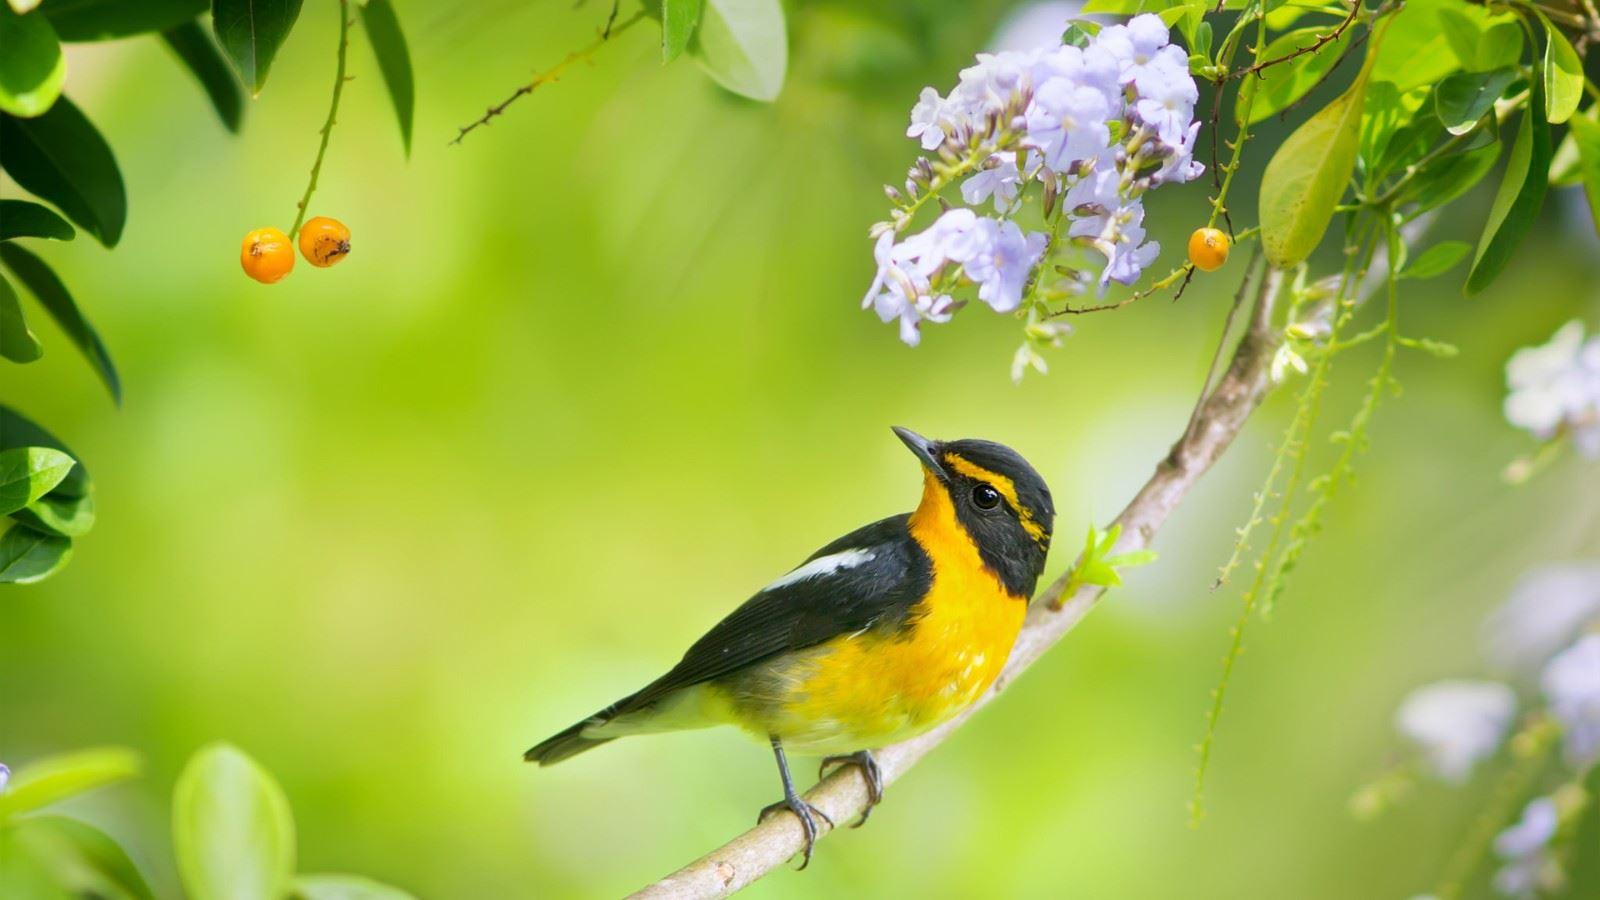 大自然一角小鸟停留唯美